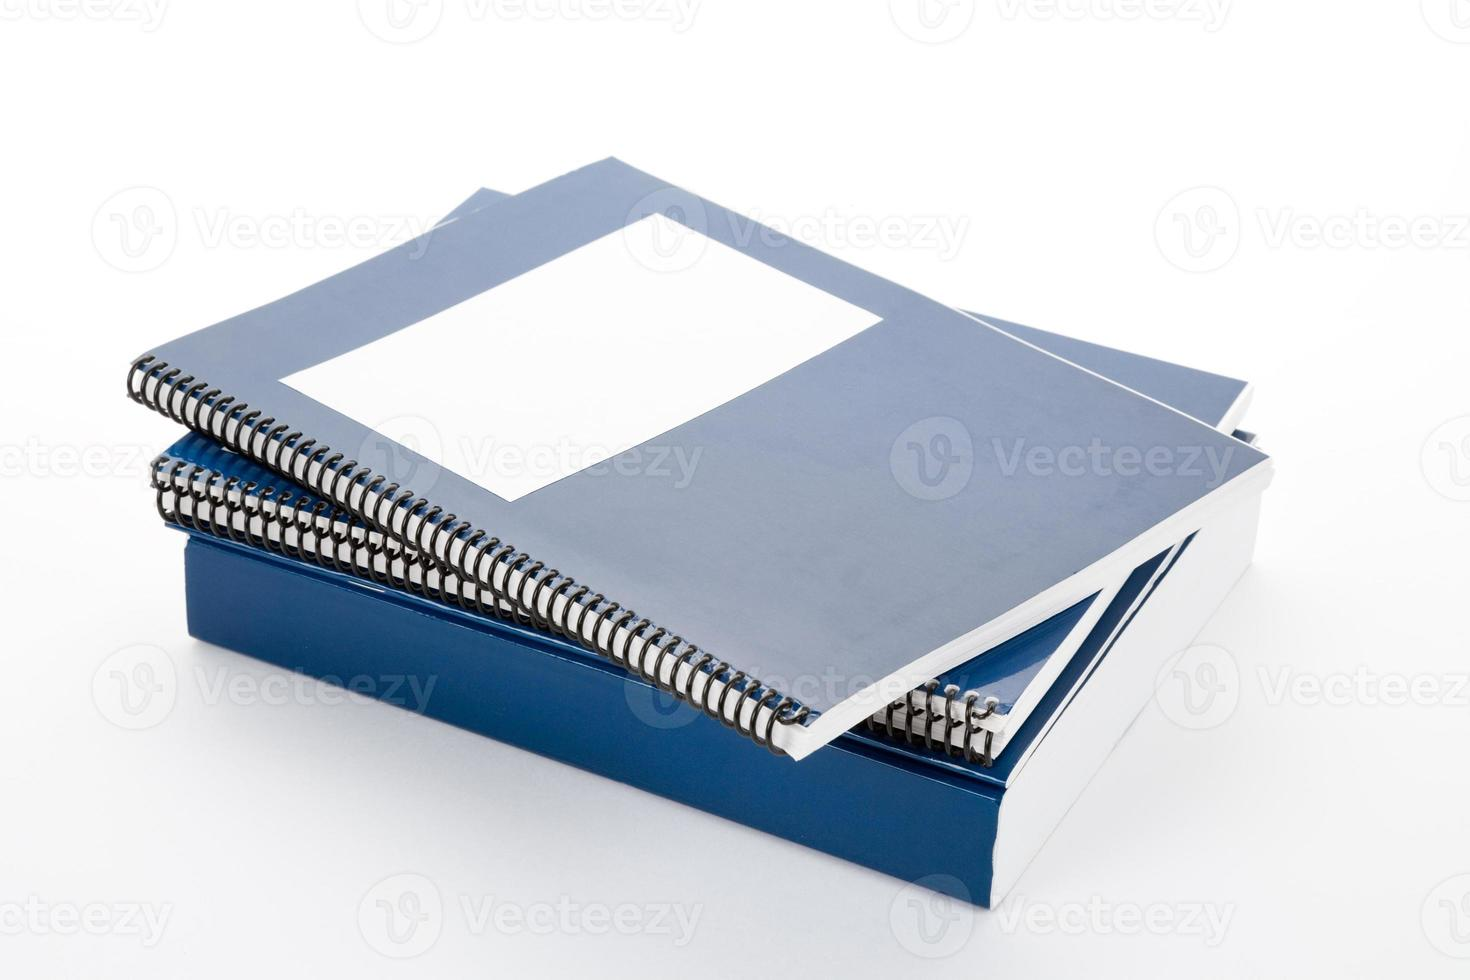 manuel scolaire bleu photo